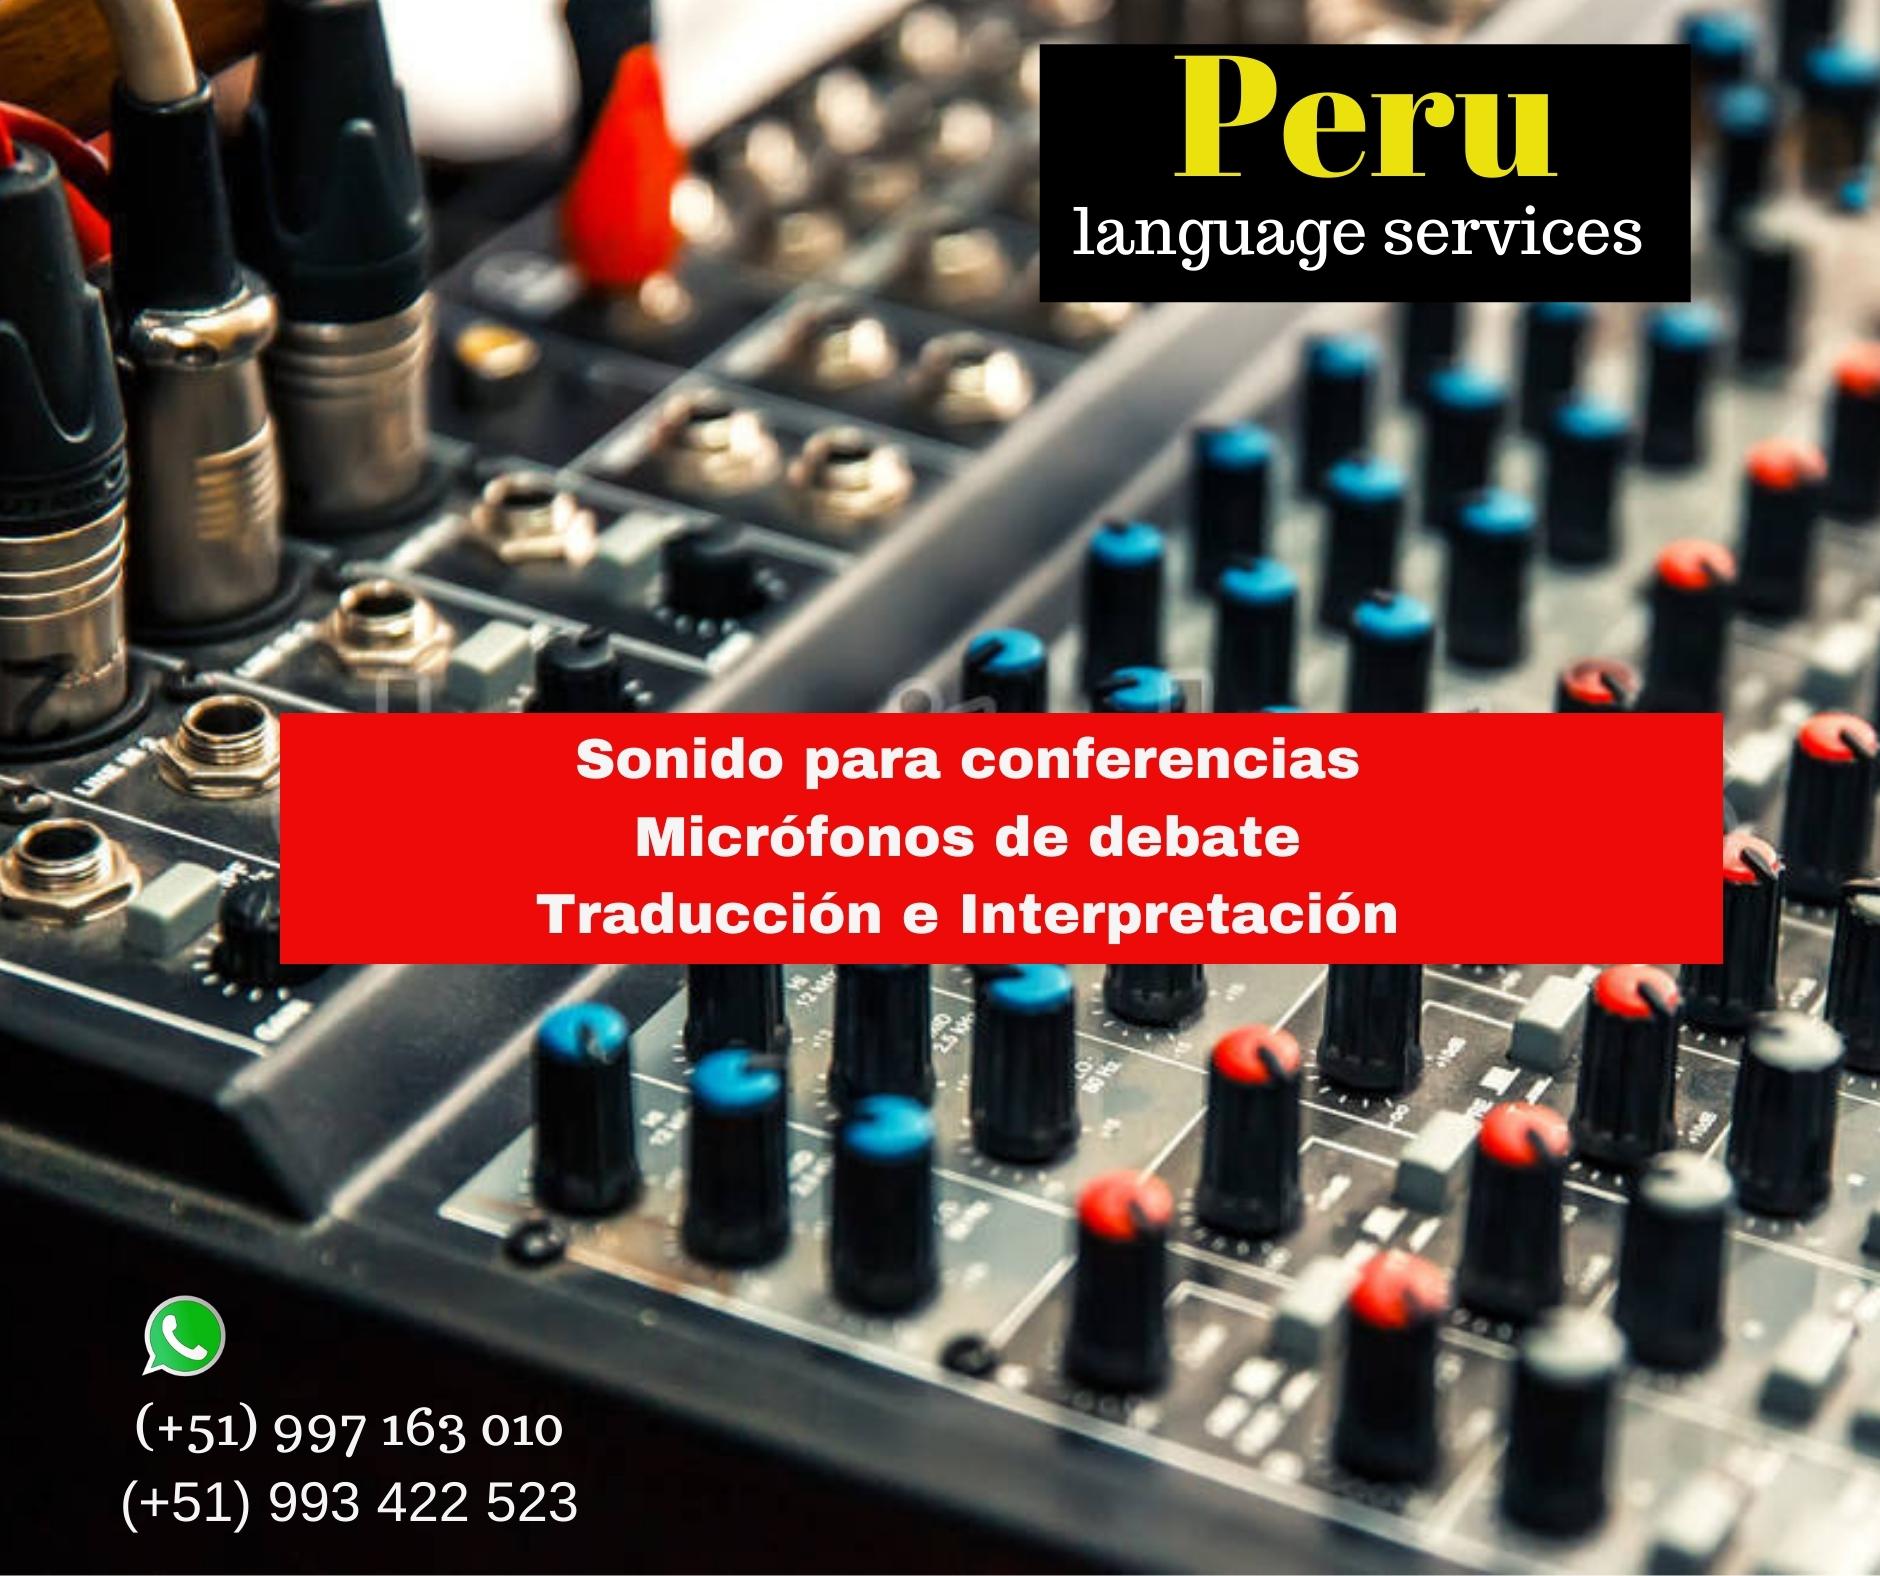 Traducción de idiomas para eventos LIMA ✅ 997163010